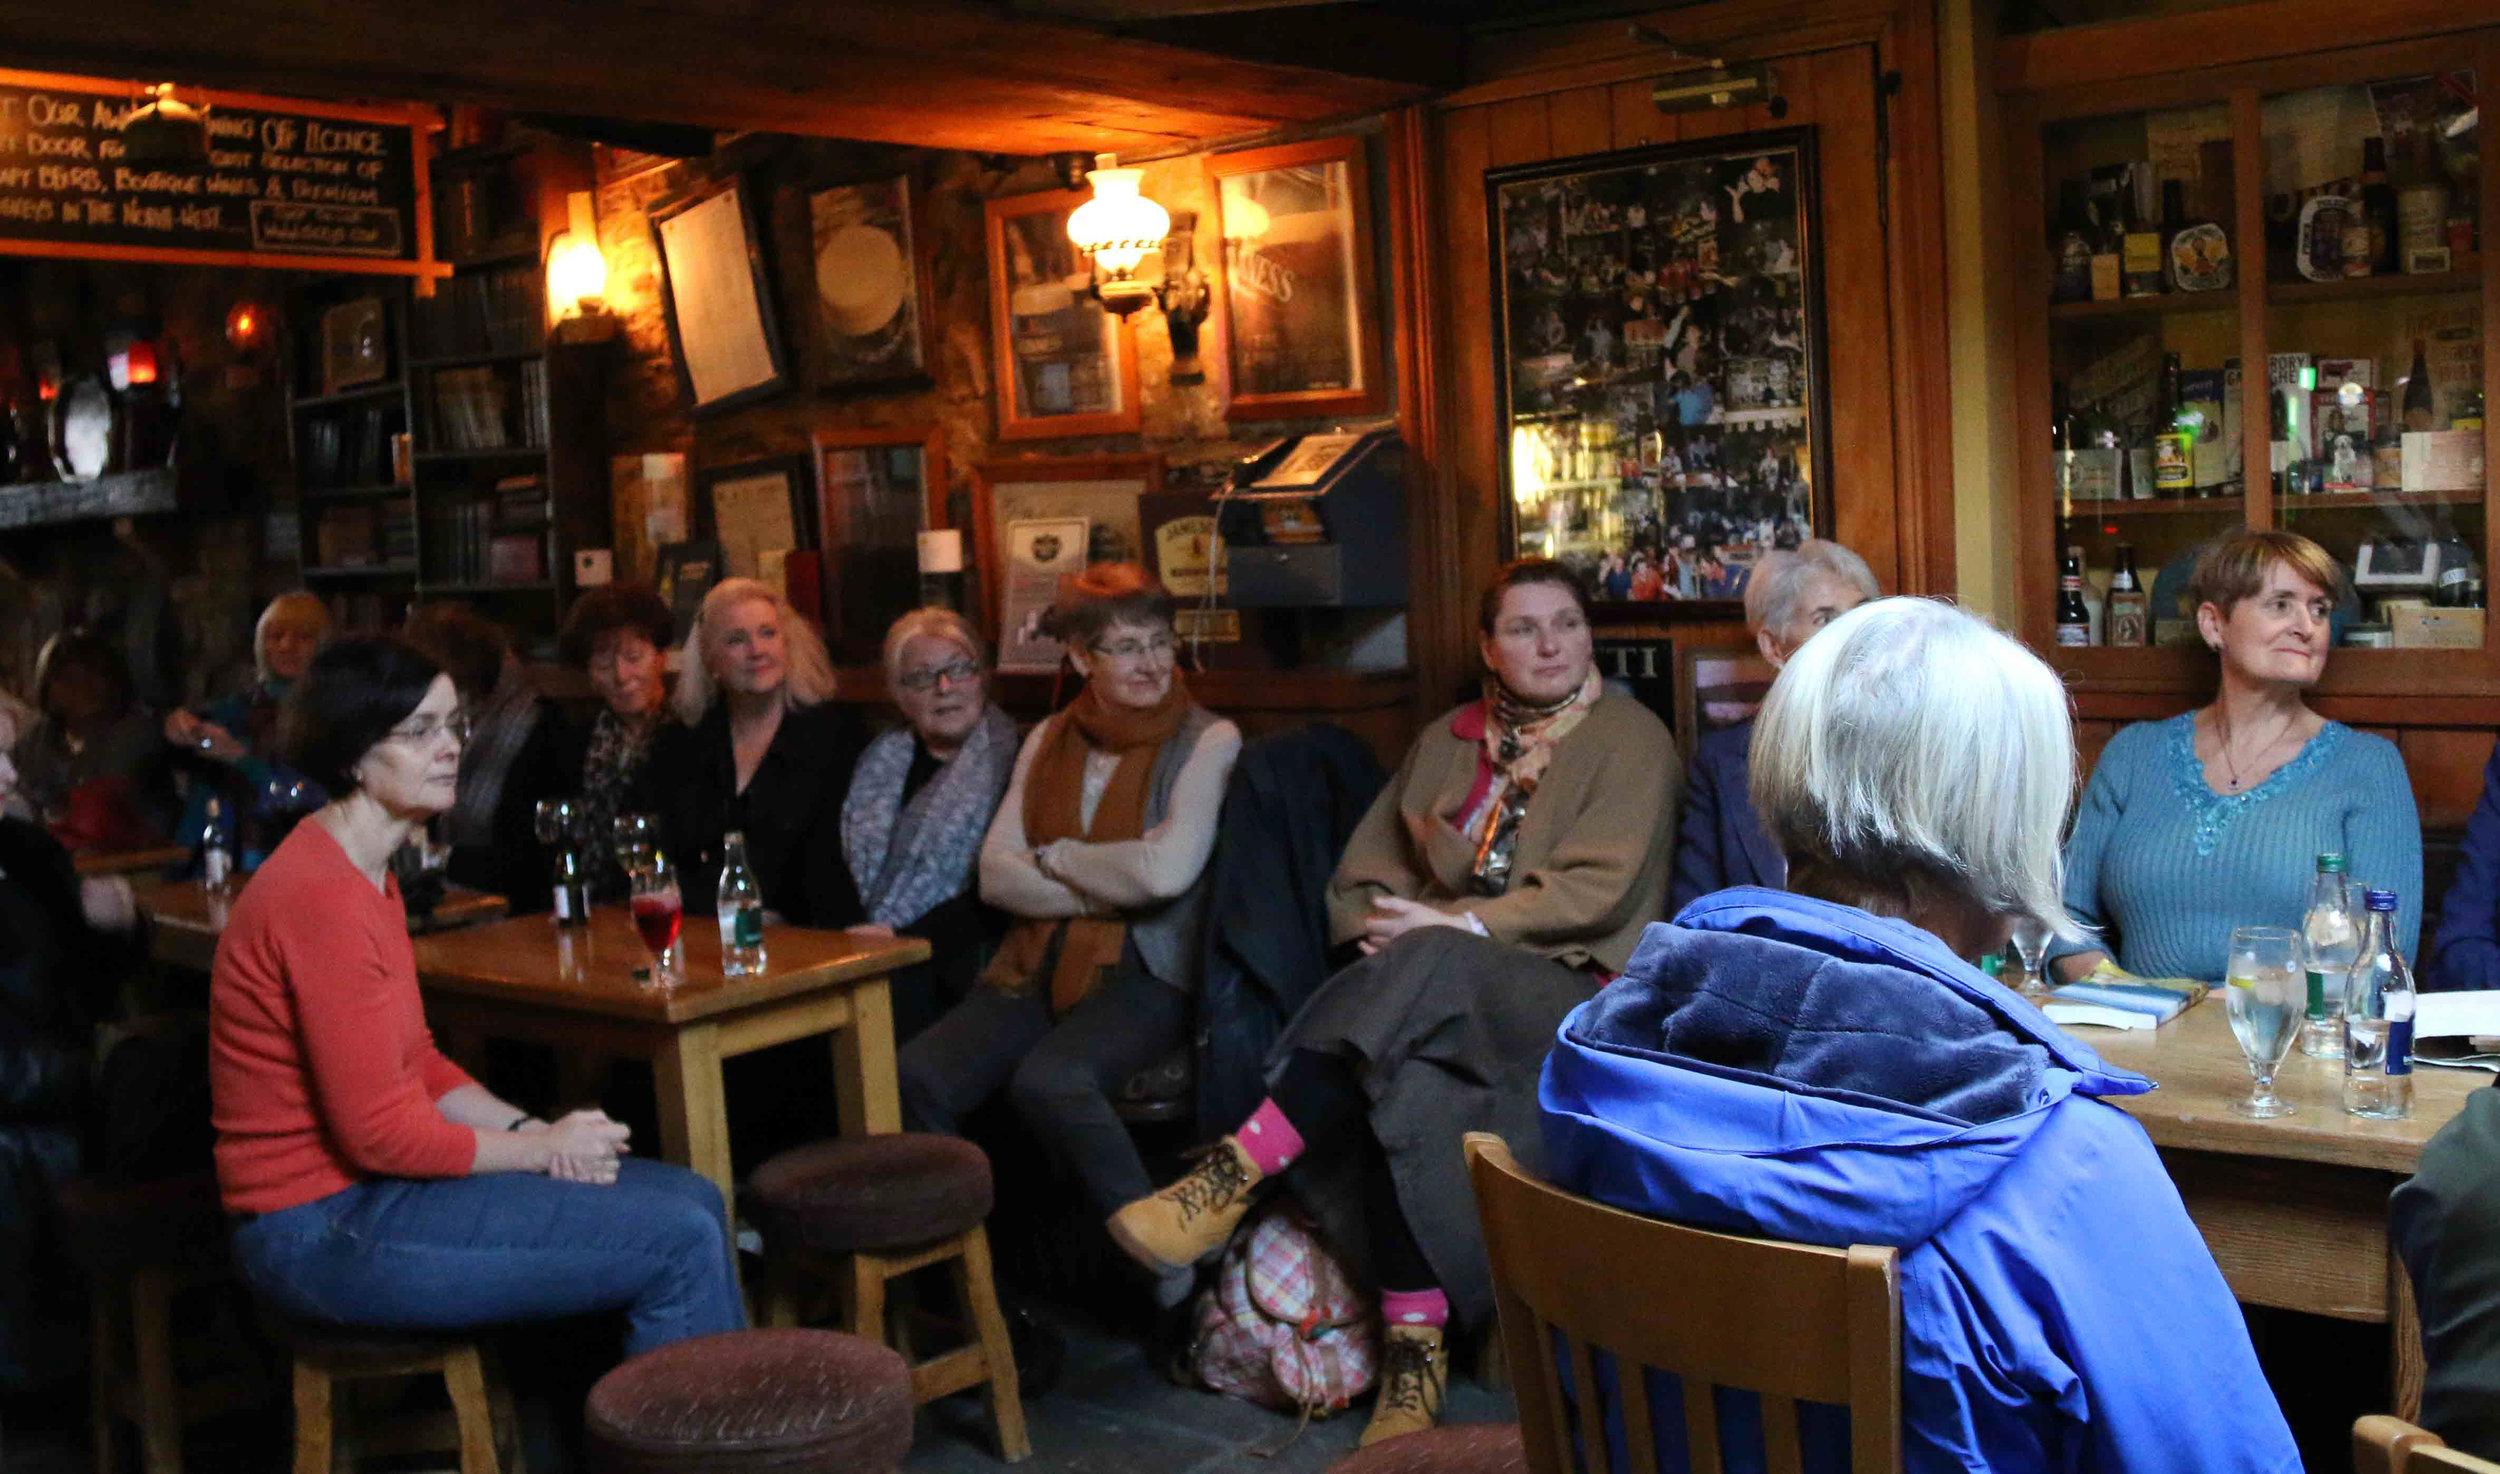 Poetry Reading with Mick Delap - Allingham Festival 2016, Ballyshannon-12.jpg